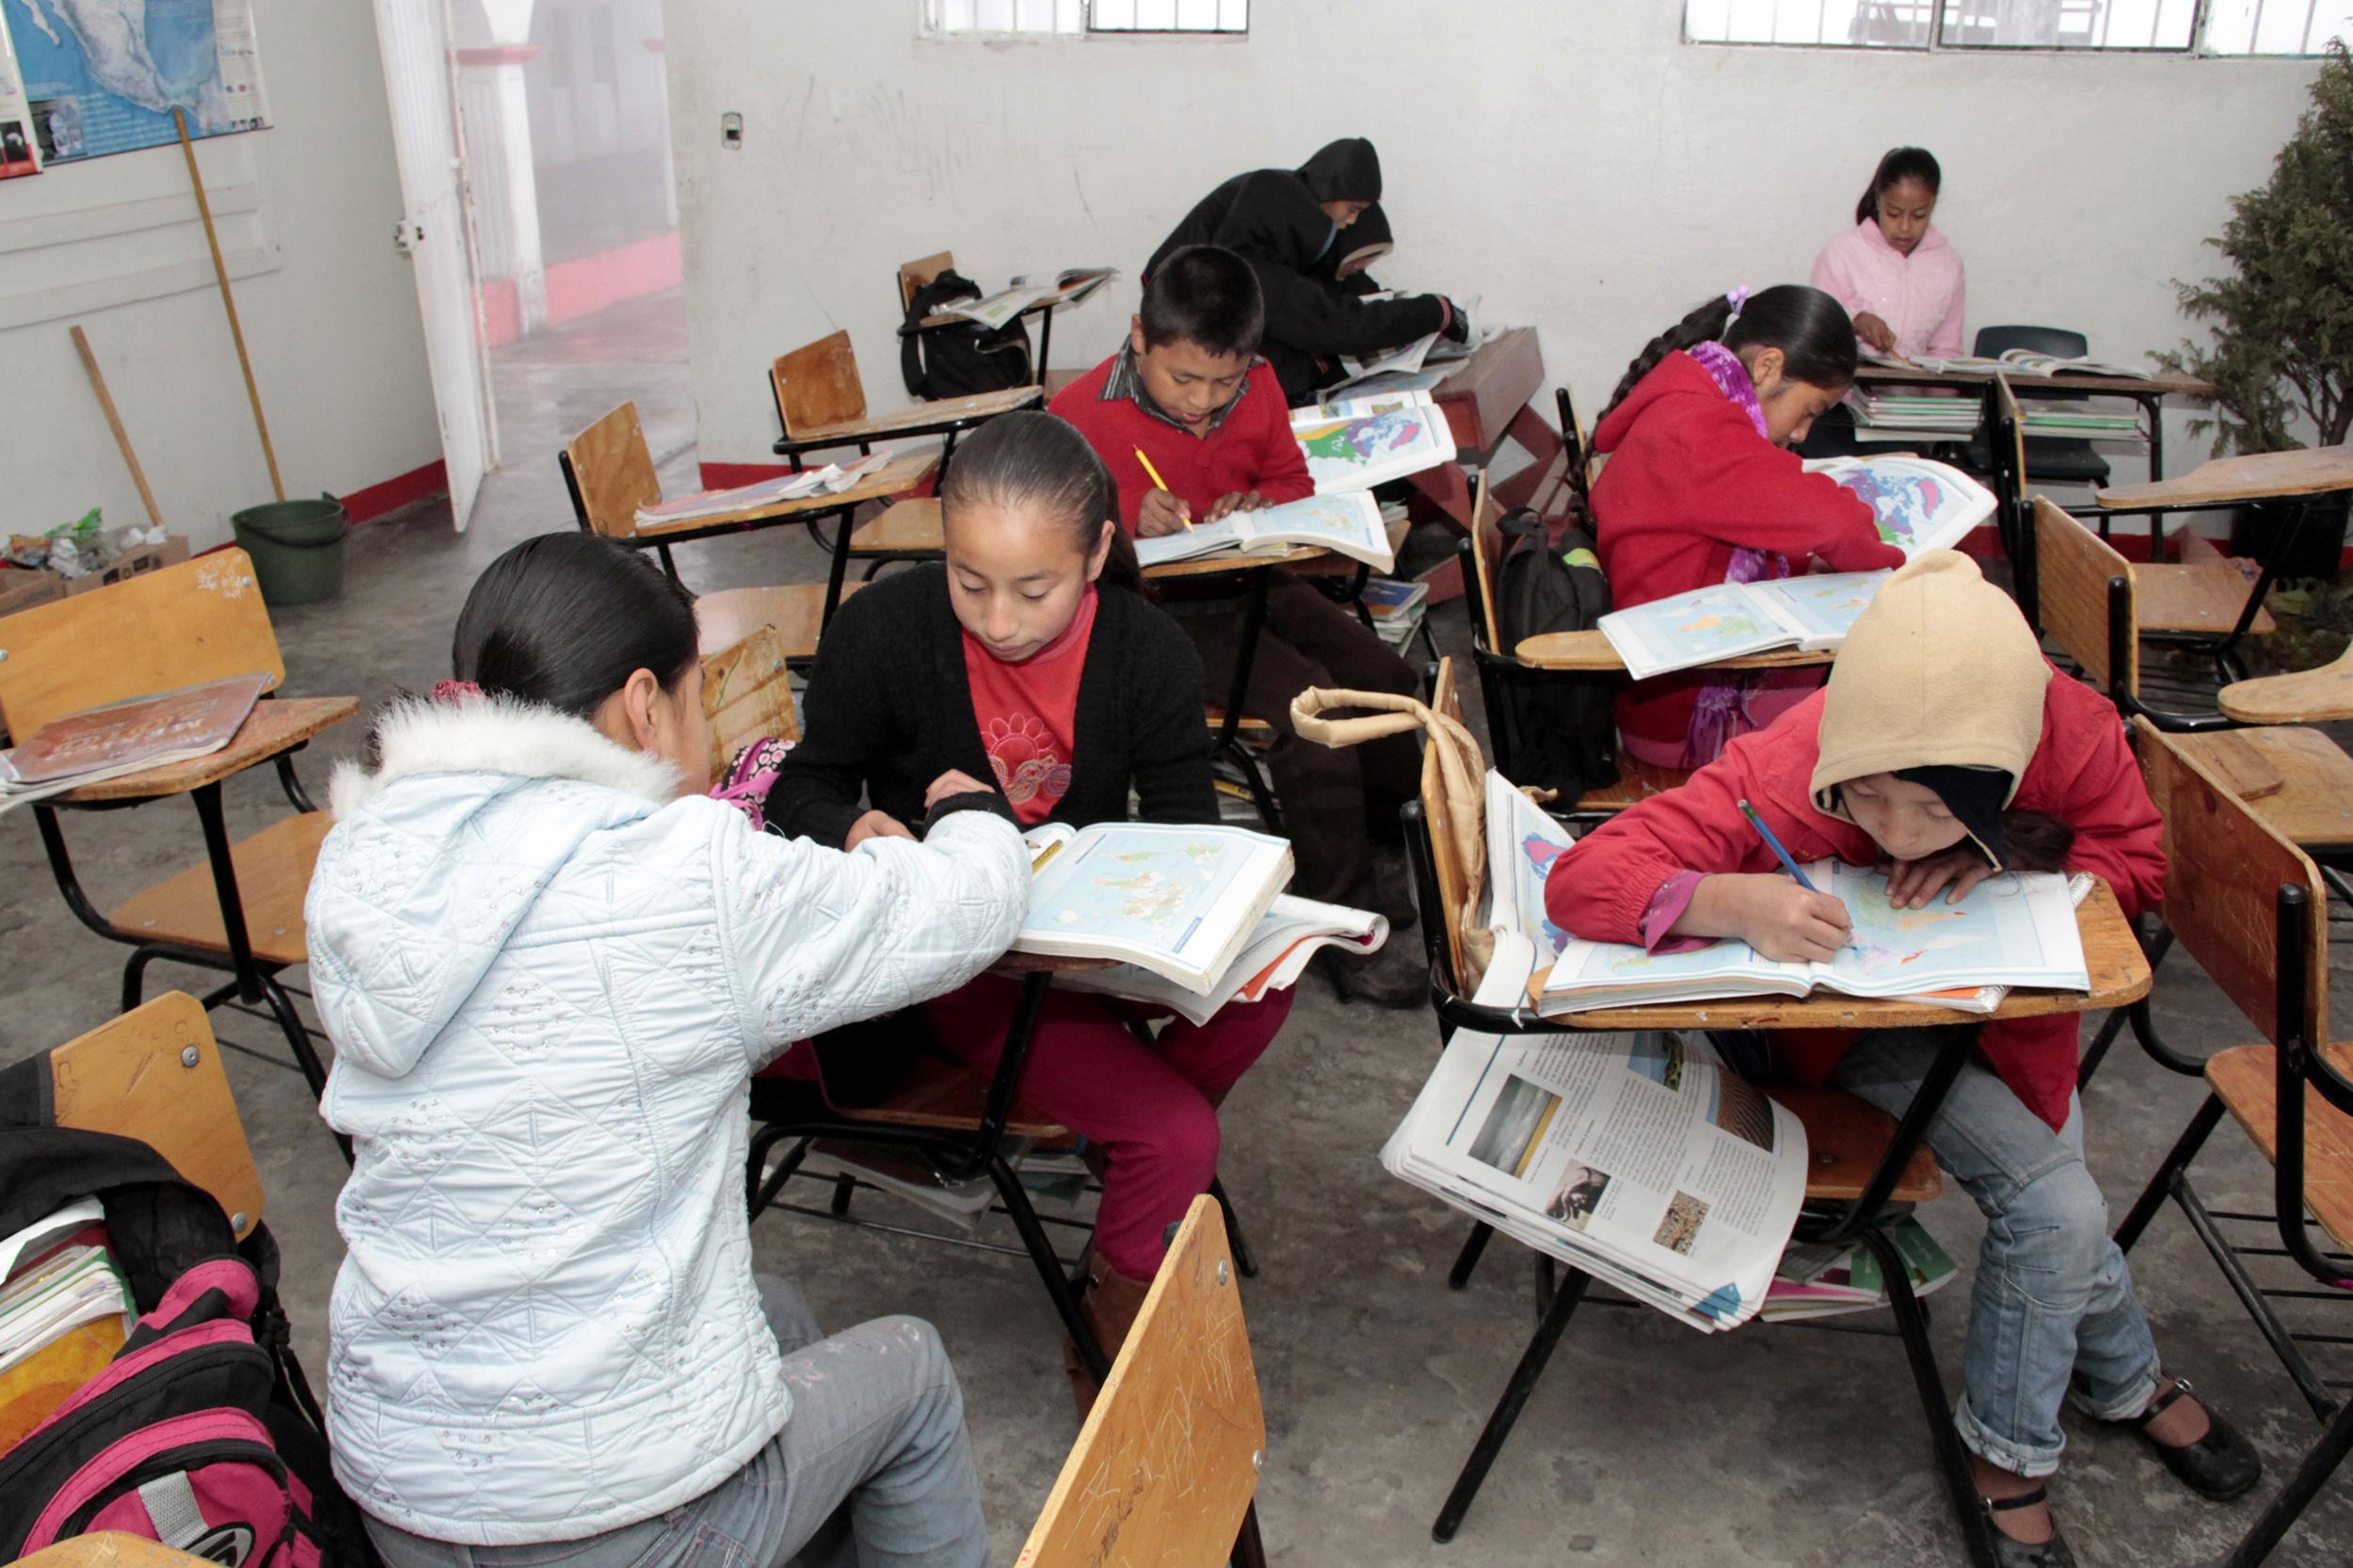 Gobierno estatal deja sin alimentos a alumnos de internado